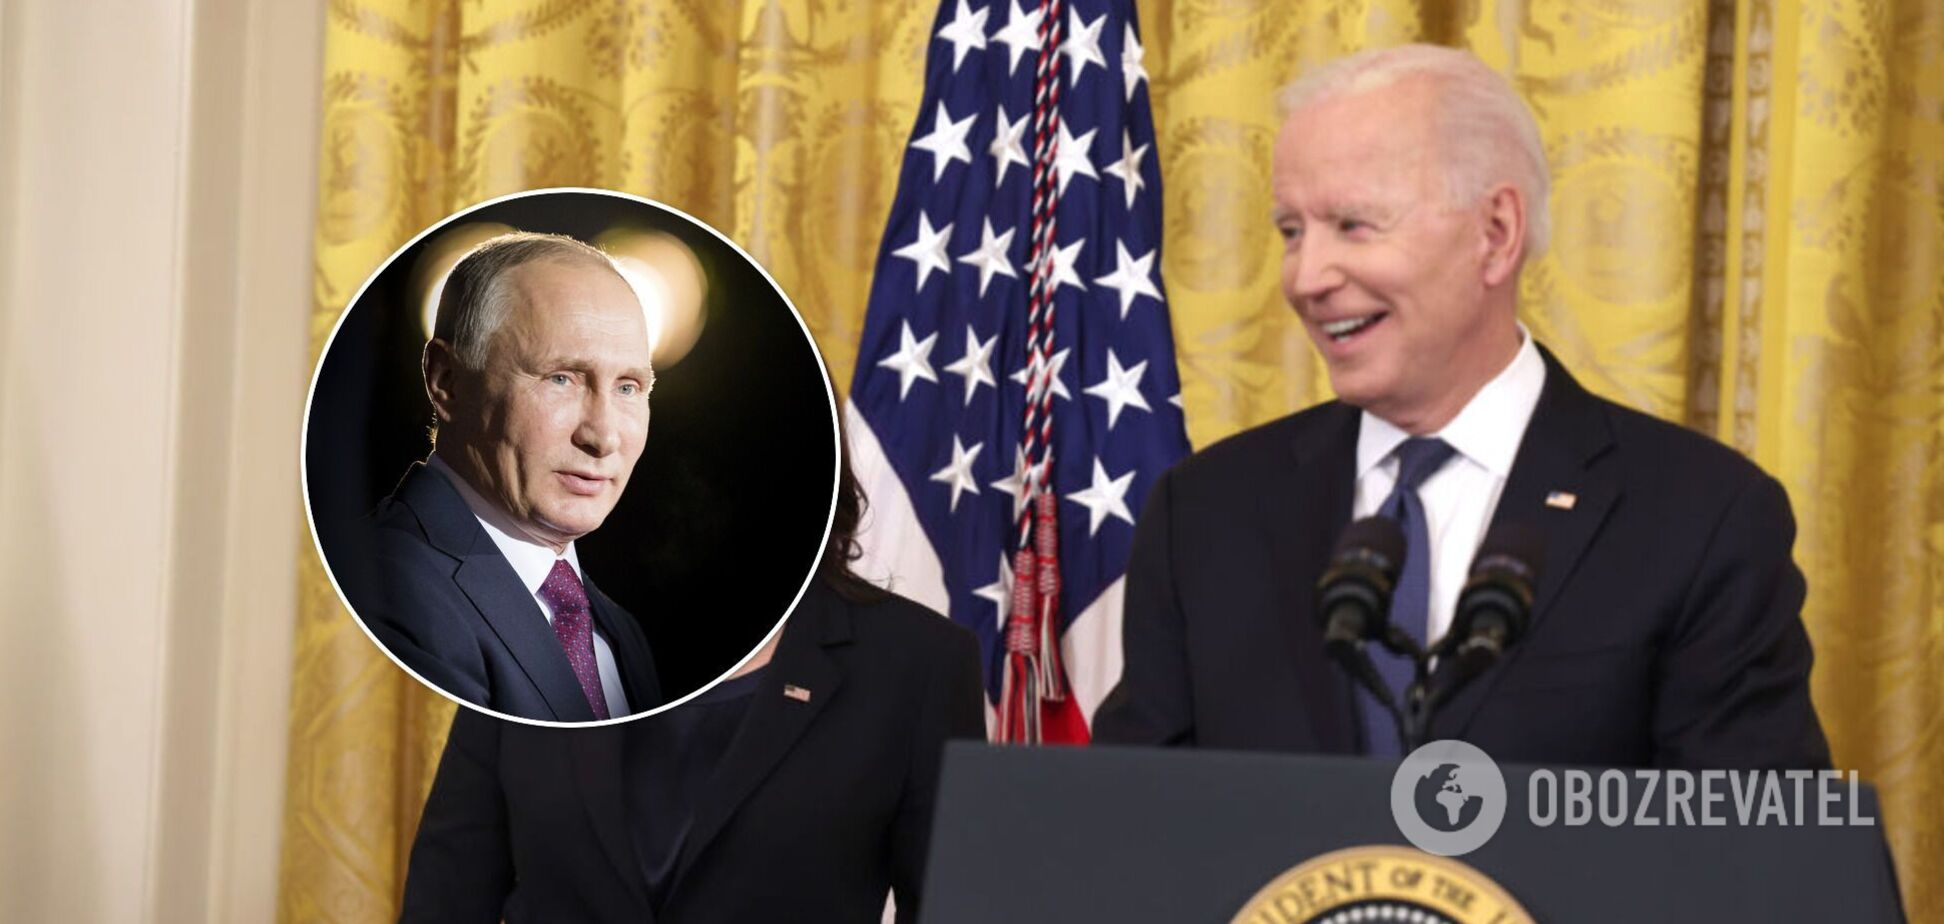 Путин получил 'оплеуху' от Байдена и начал защищаться за счет Украины, – Обухов